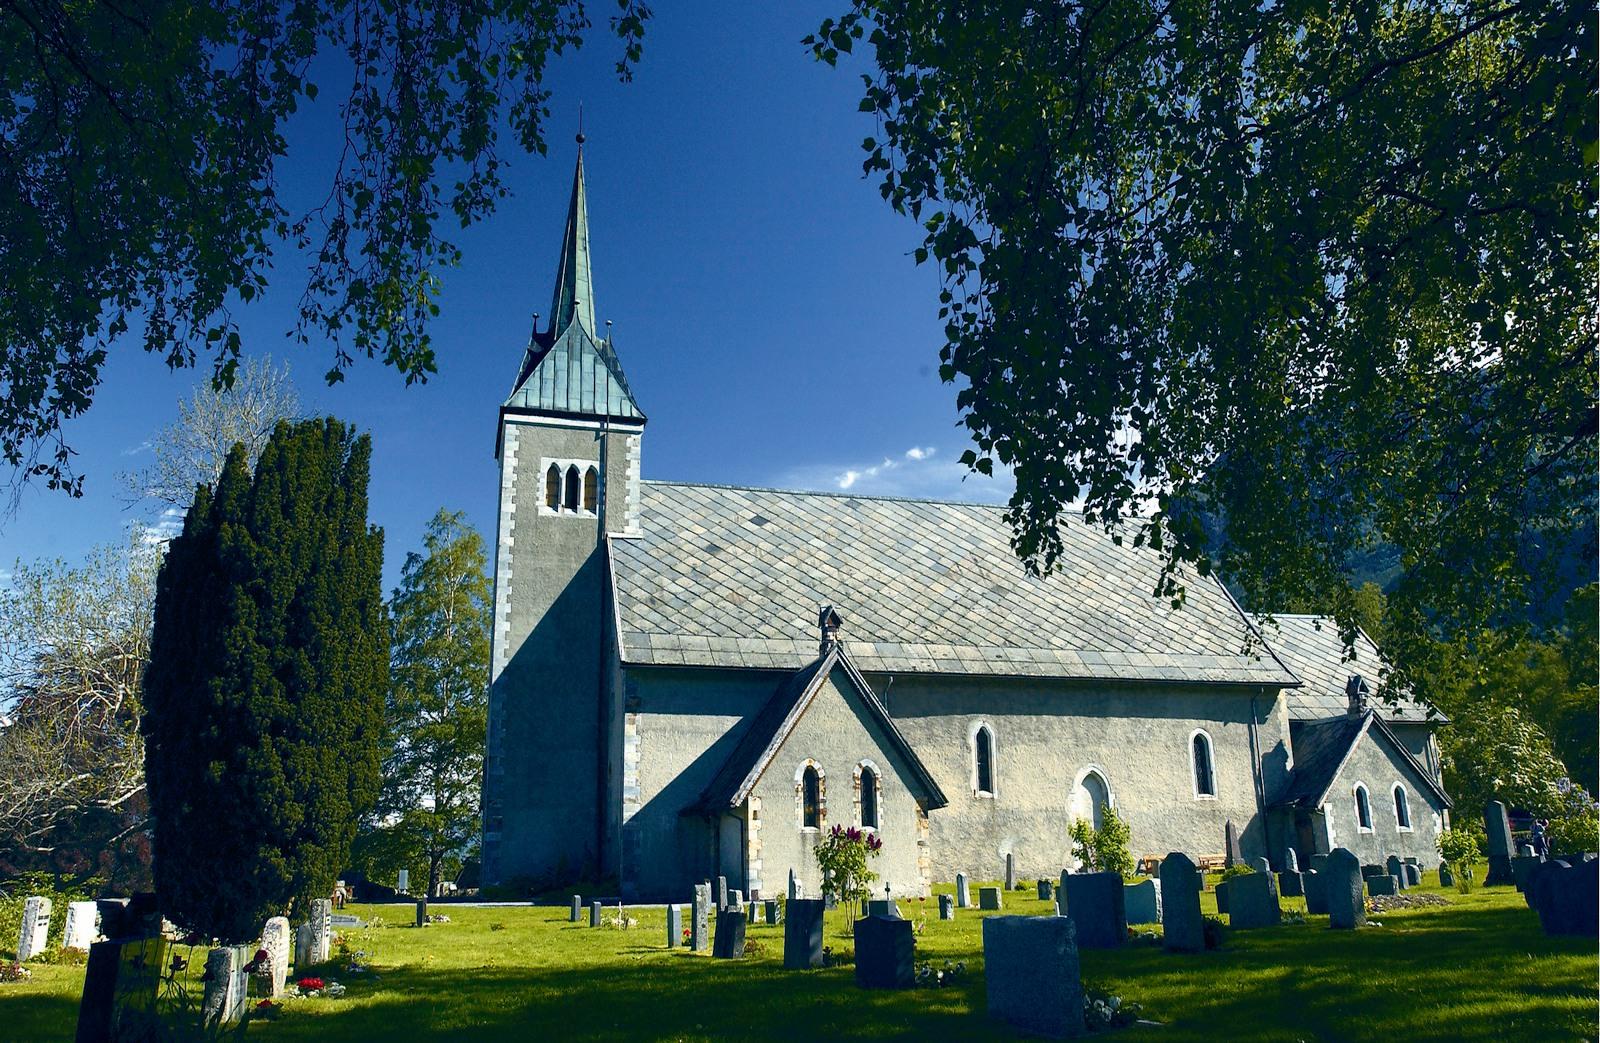 Ullensvang kyrkje